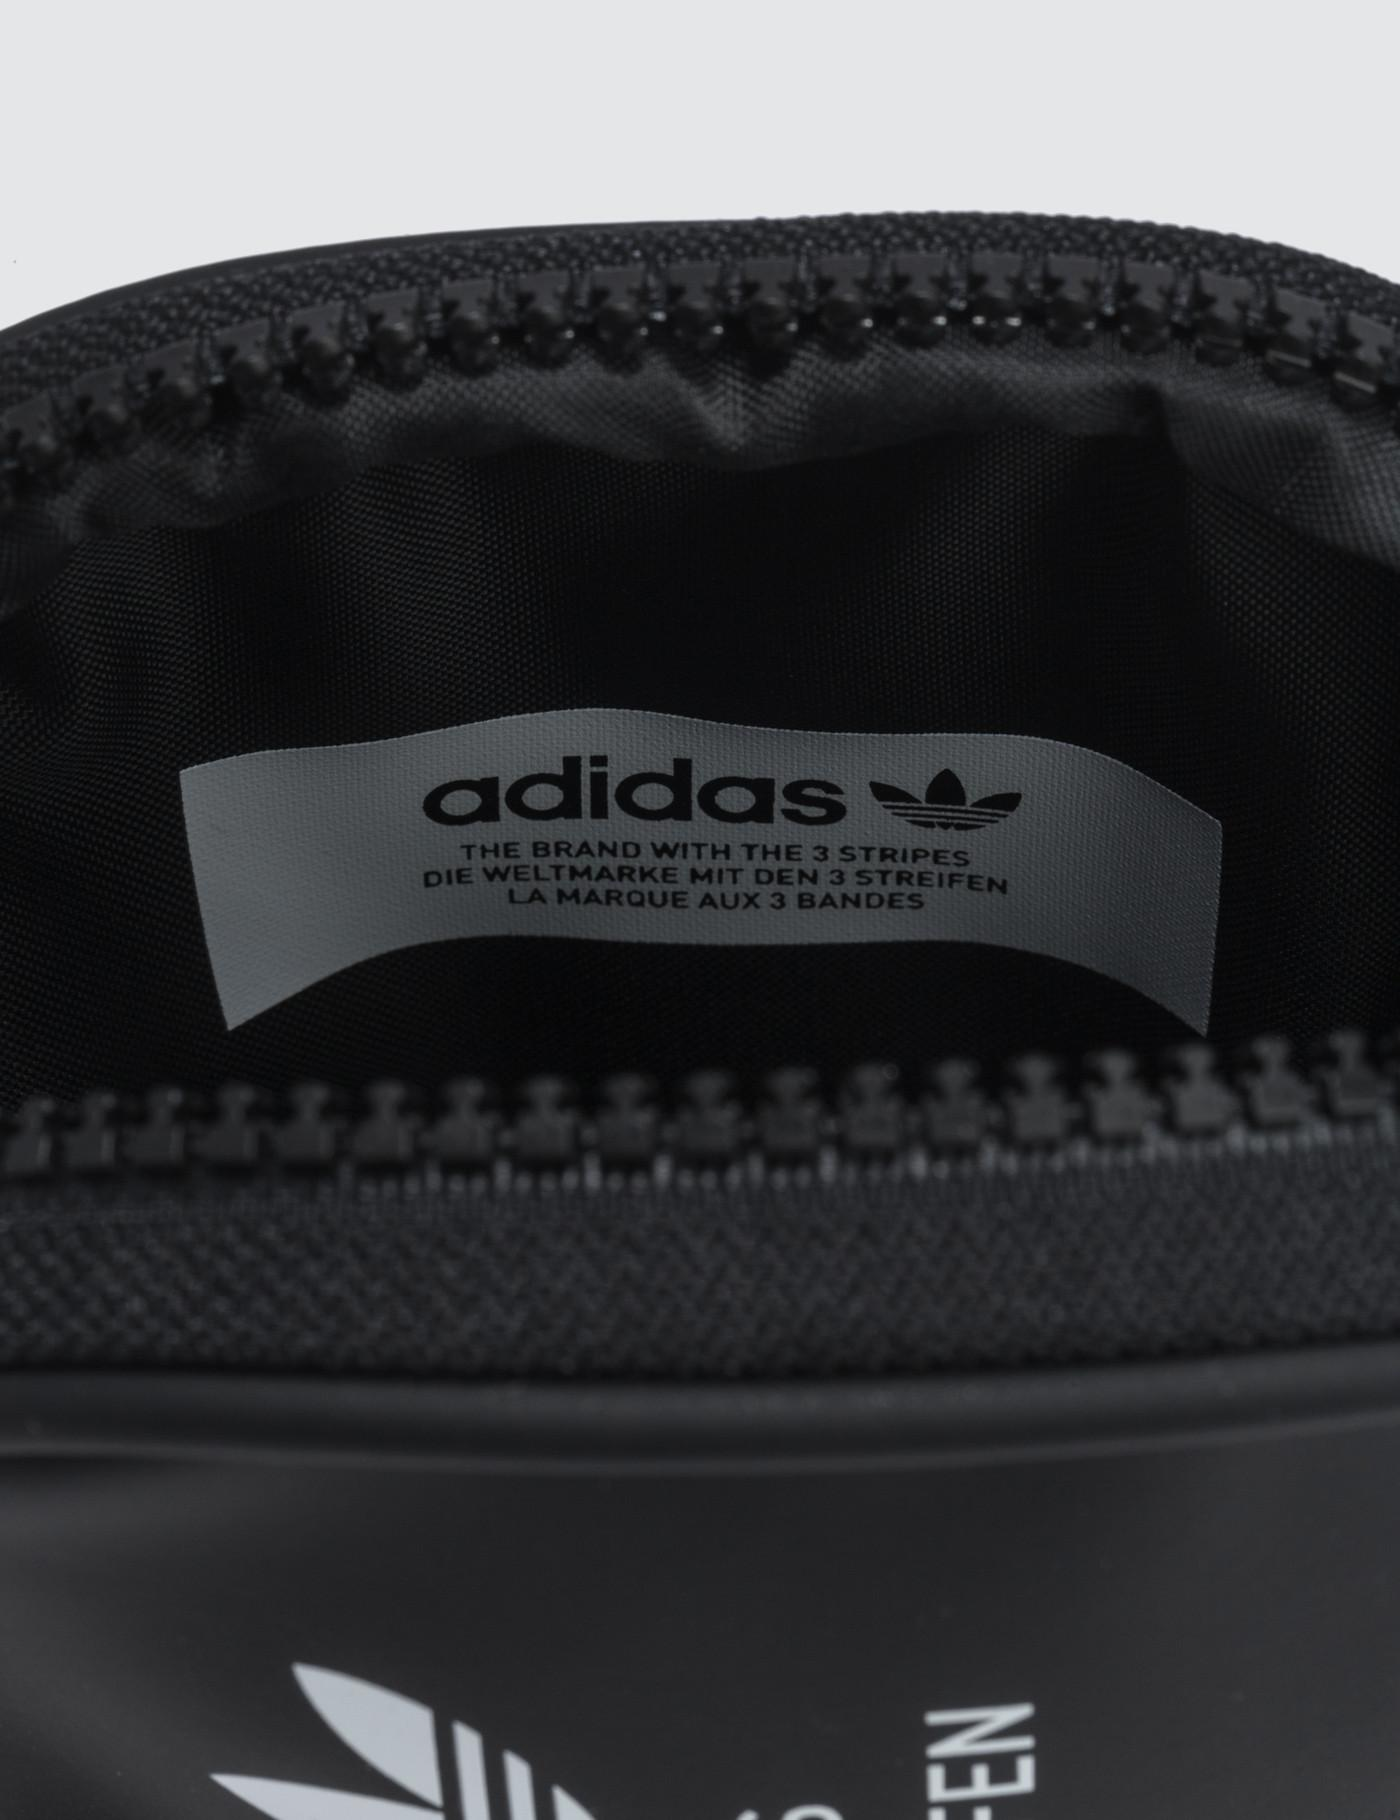 dd37be2fe adidas Originals Adidas Nmd Pouch Bag in Black - Lyst